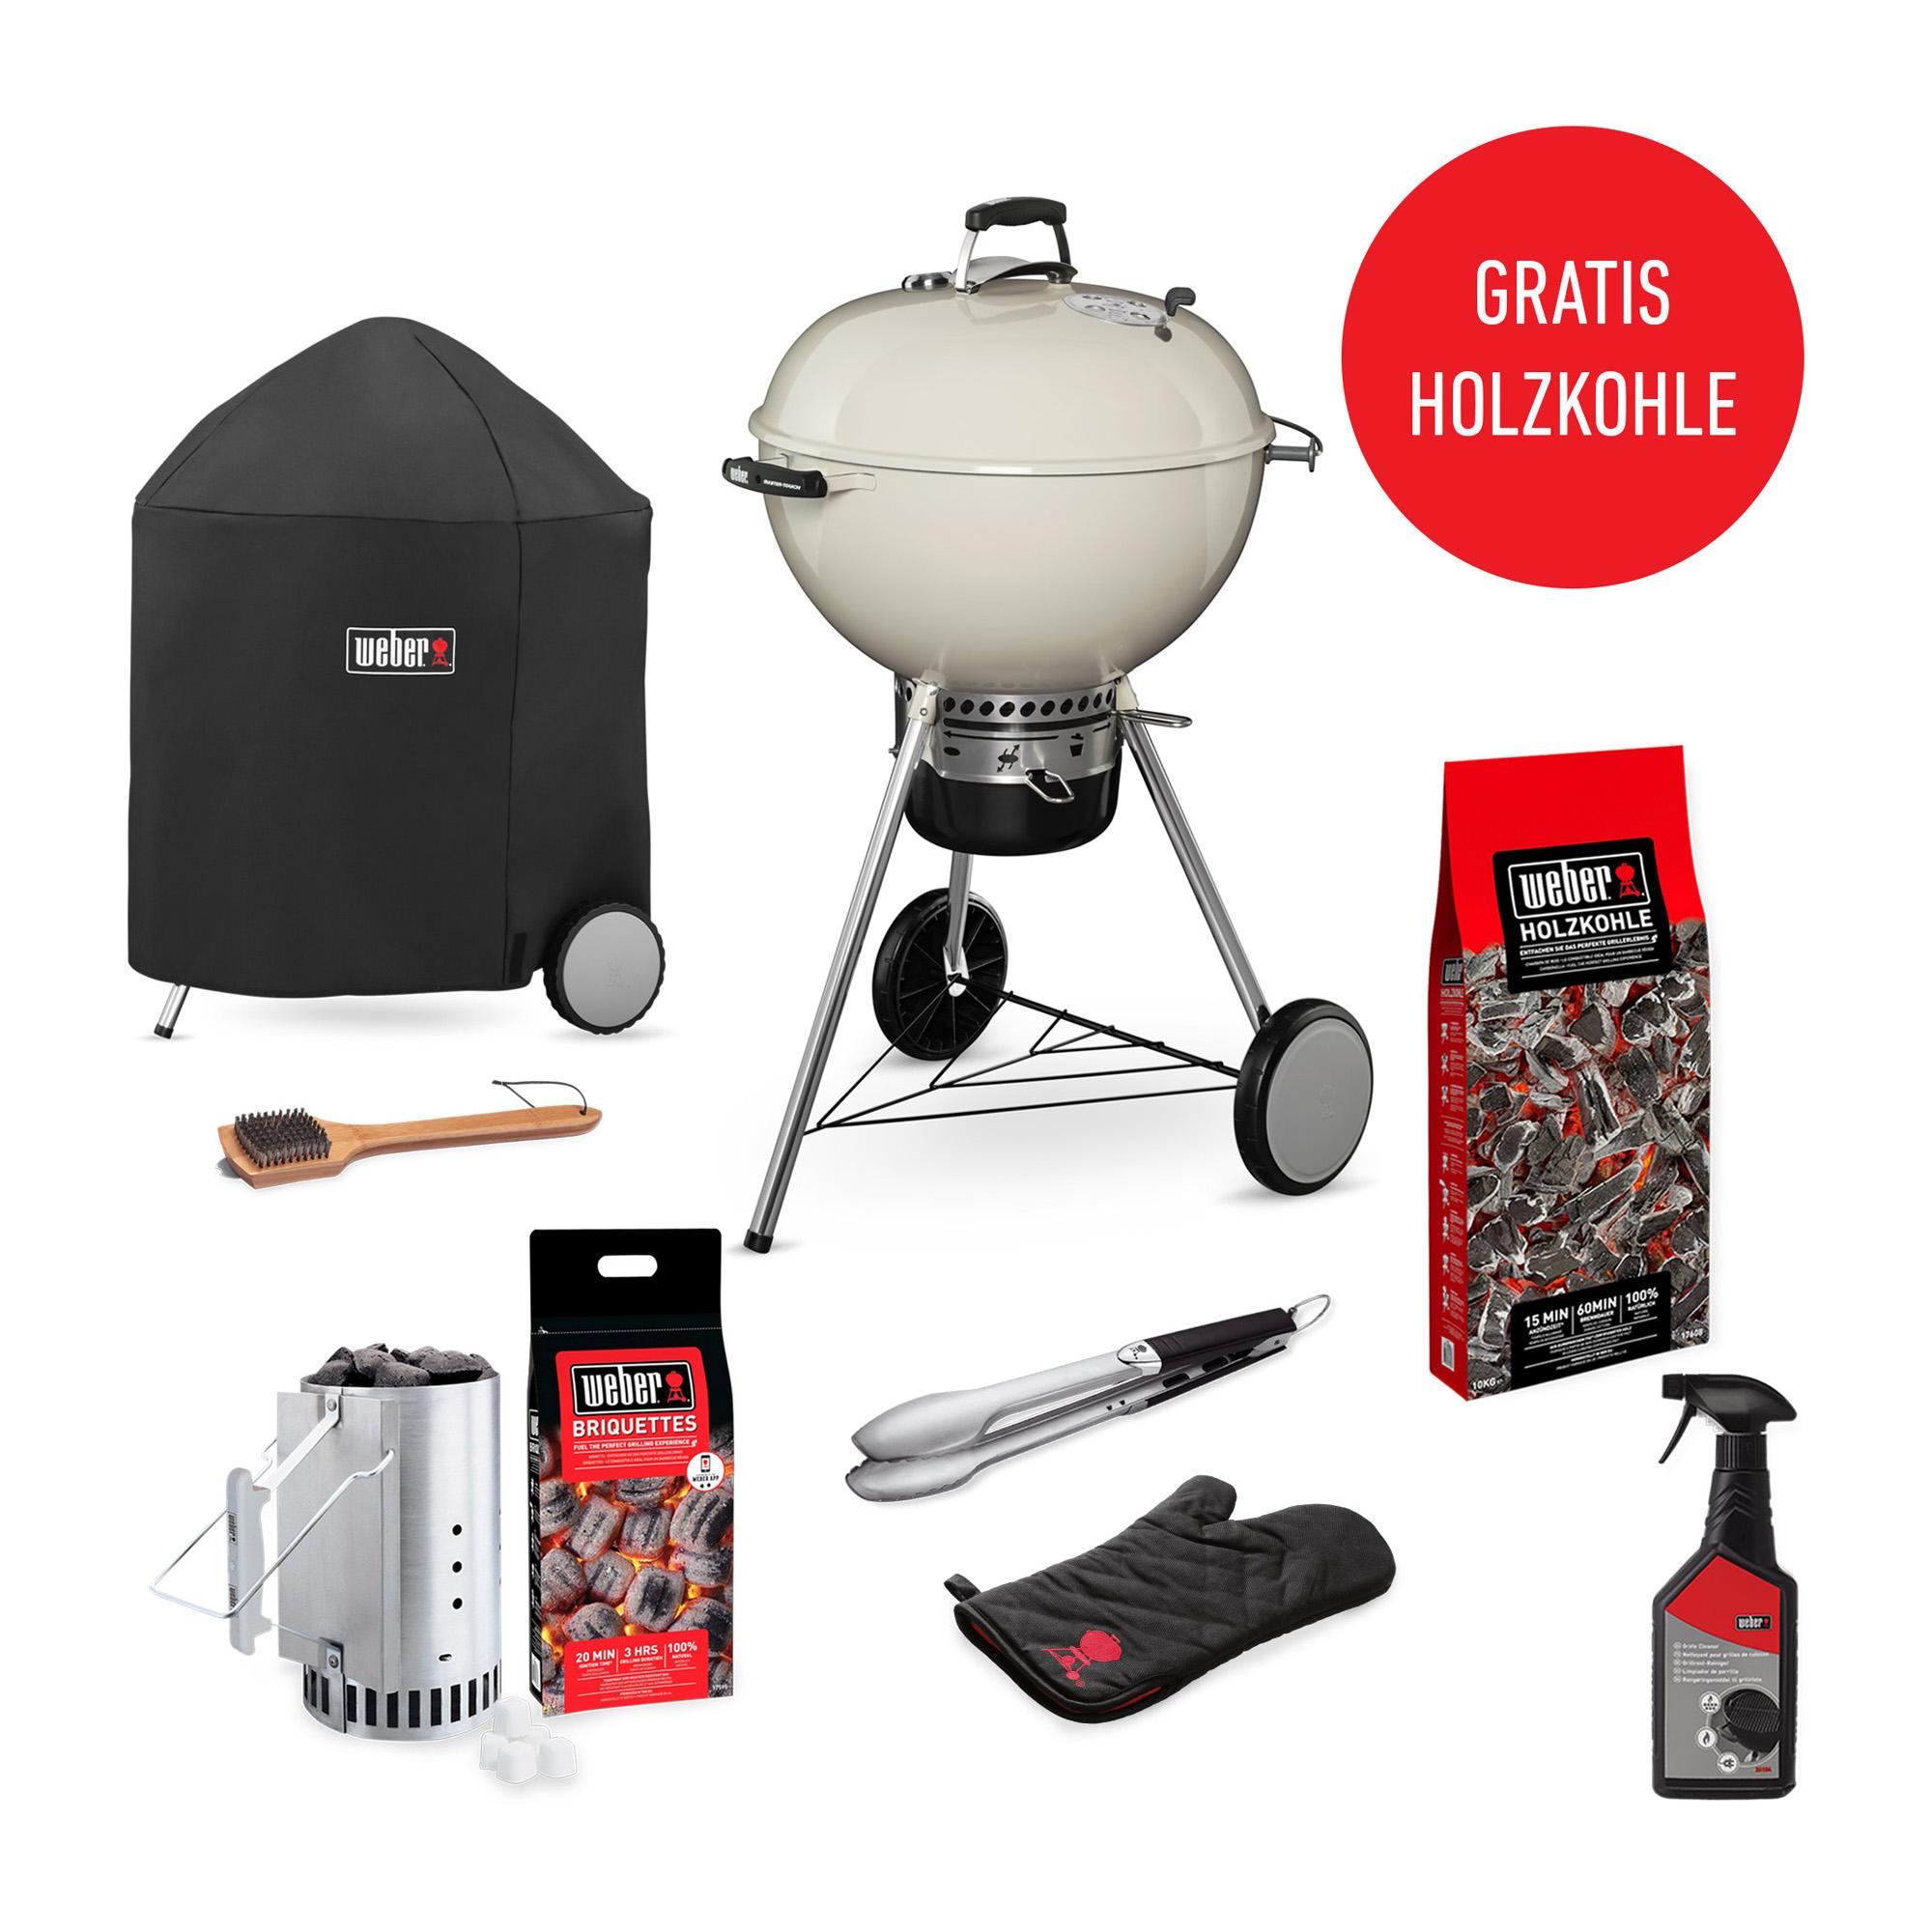 weber grillzange aus edelstahl black weber grill original. Black Bedroom Furniture Sets. Home Design Ideas